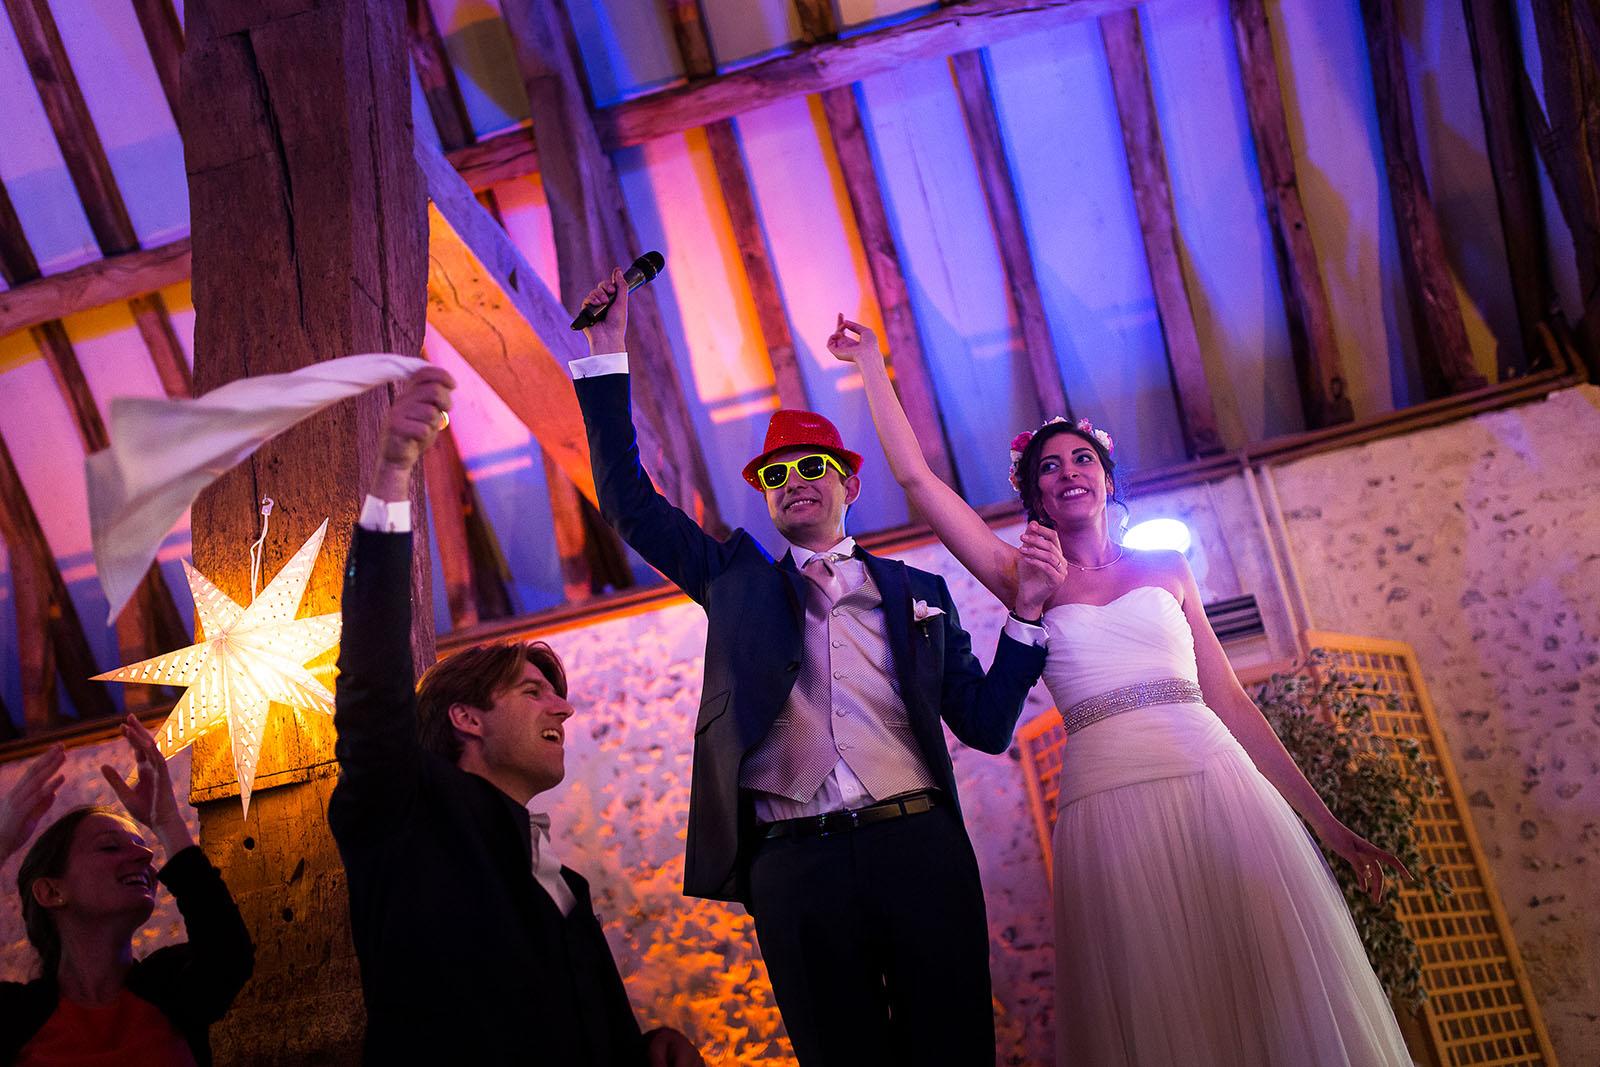 Mariage au Manoir de Corny en Normandie. Les mariés entrent dans la salle